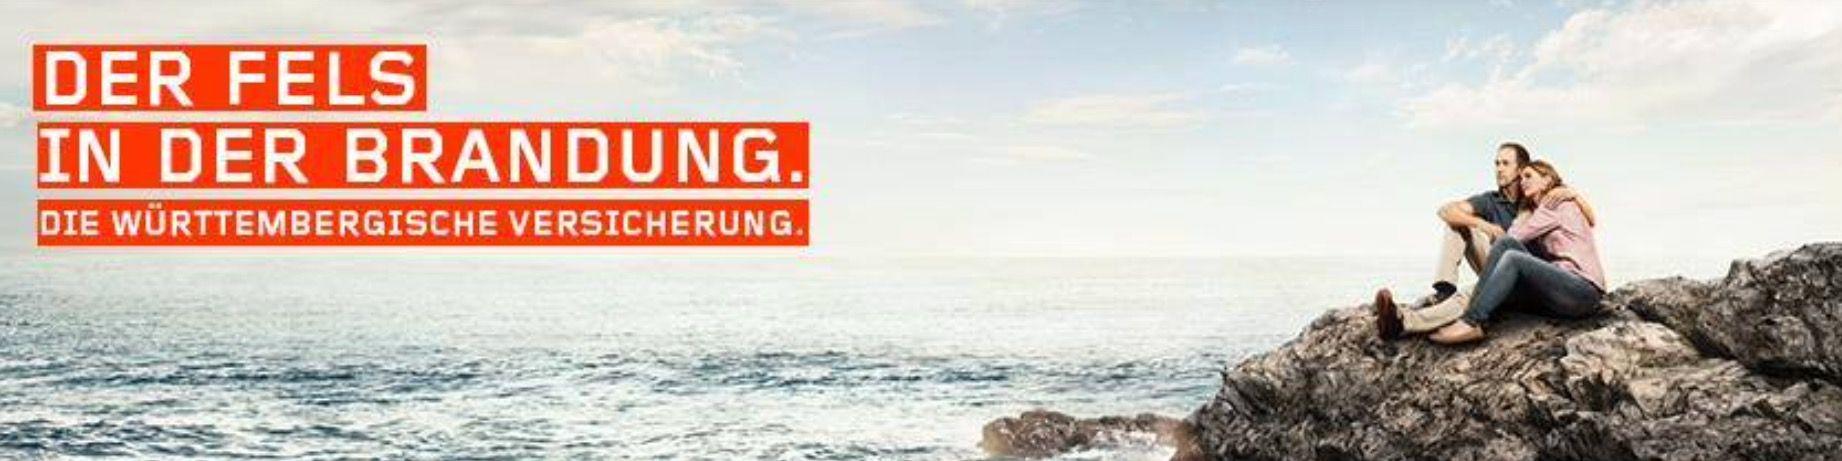 Titelbild von Württembergische Generalagentur | Bantel & Bantel